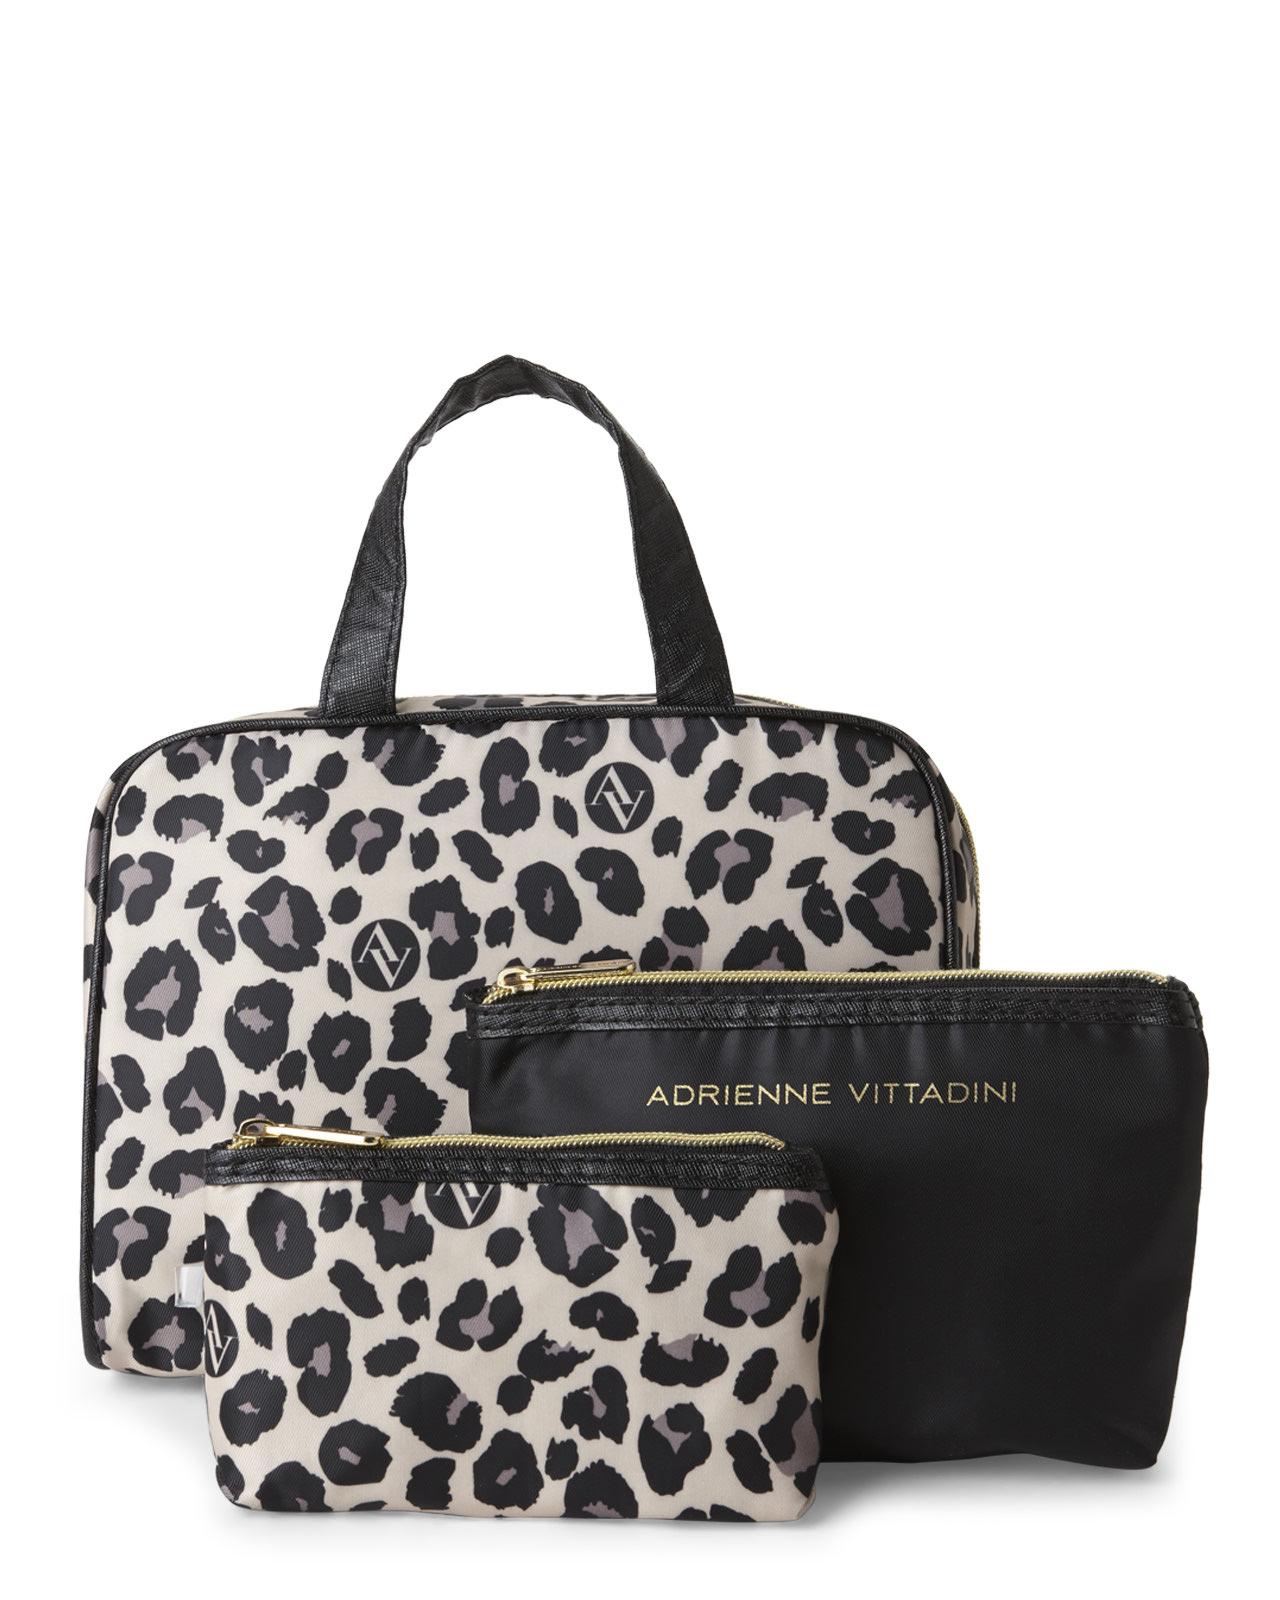 369db4f74f Lyst - Adrienne Vittadini Leopard Print 3-Piece Cosmetic Bag Set in ...